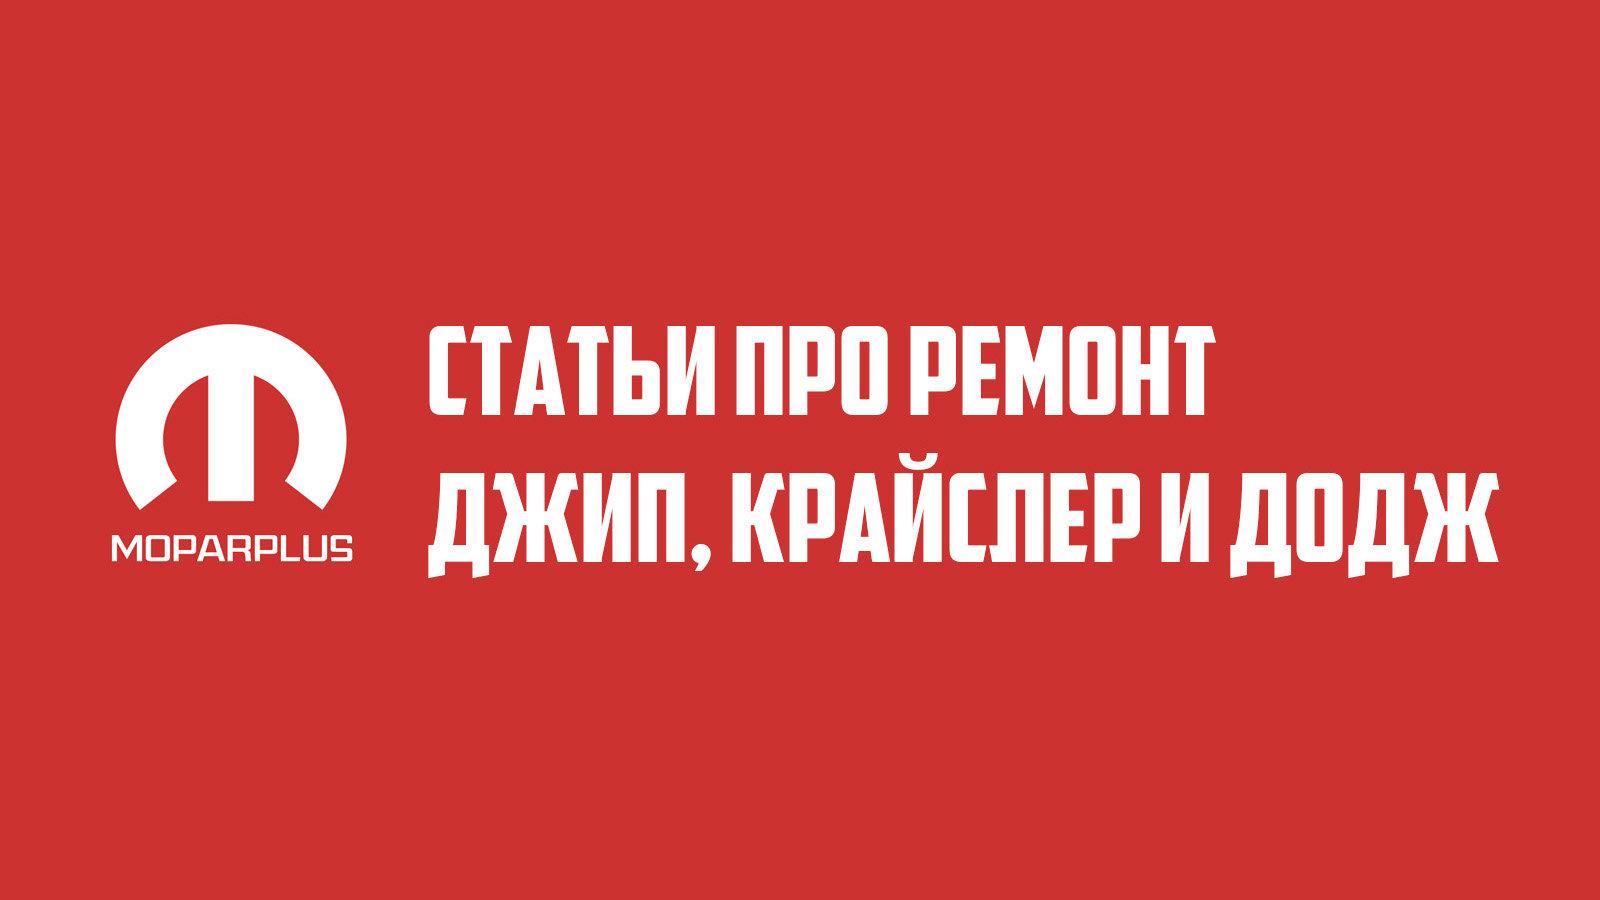 Статьи про ремонт. Выпуск №51.